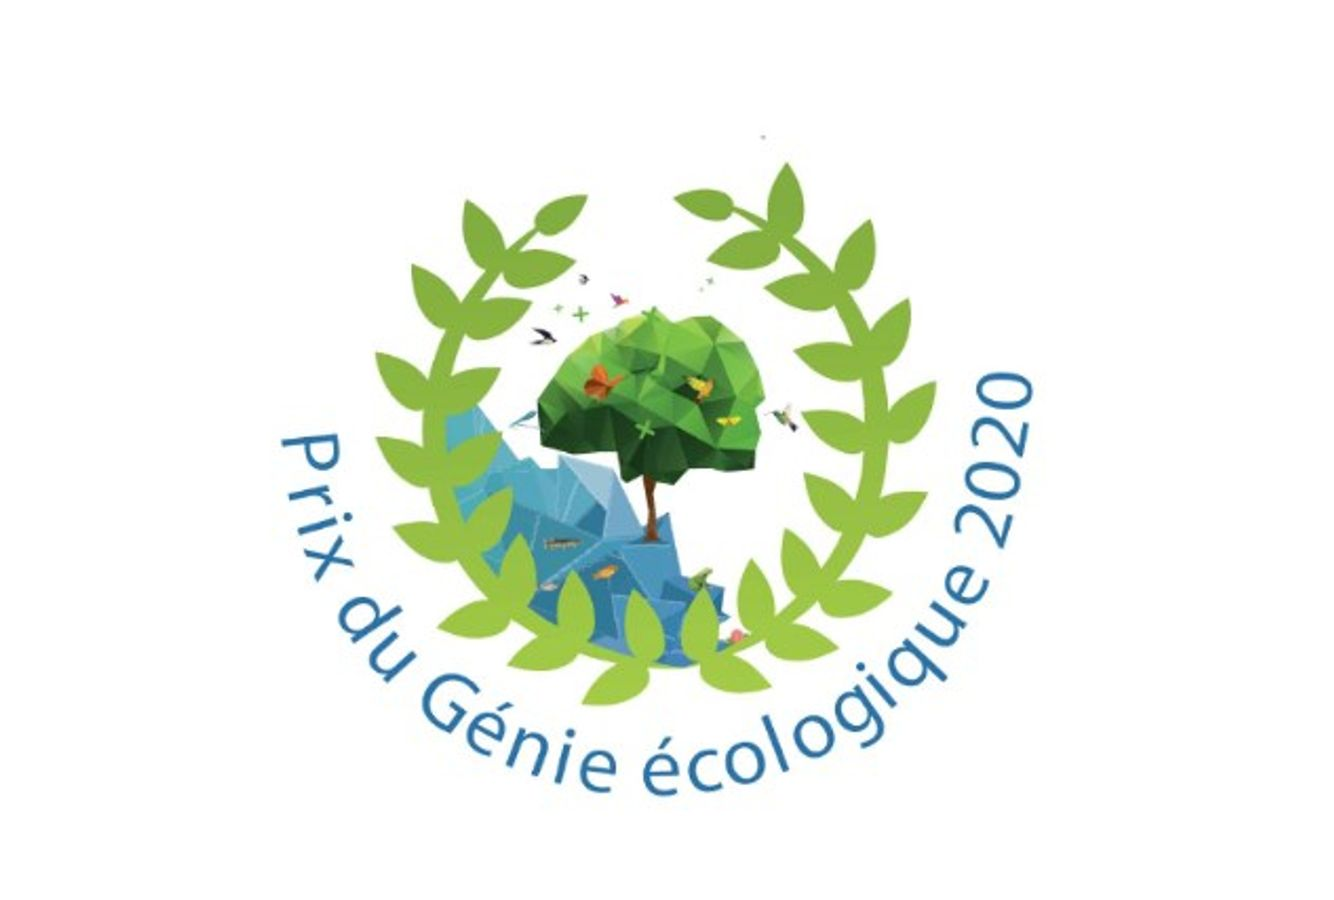 #ANB2020 - Le Génie écologique au service de la Biodiversité. Présentation et Echanges autours des projets Lauréats du prix Génie Ecologique